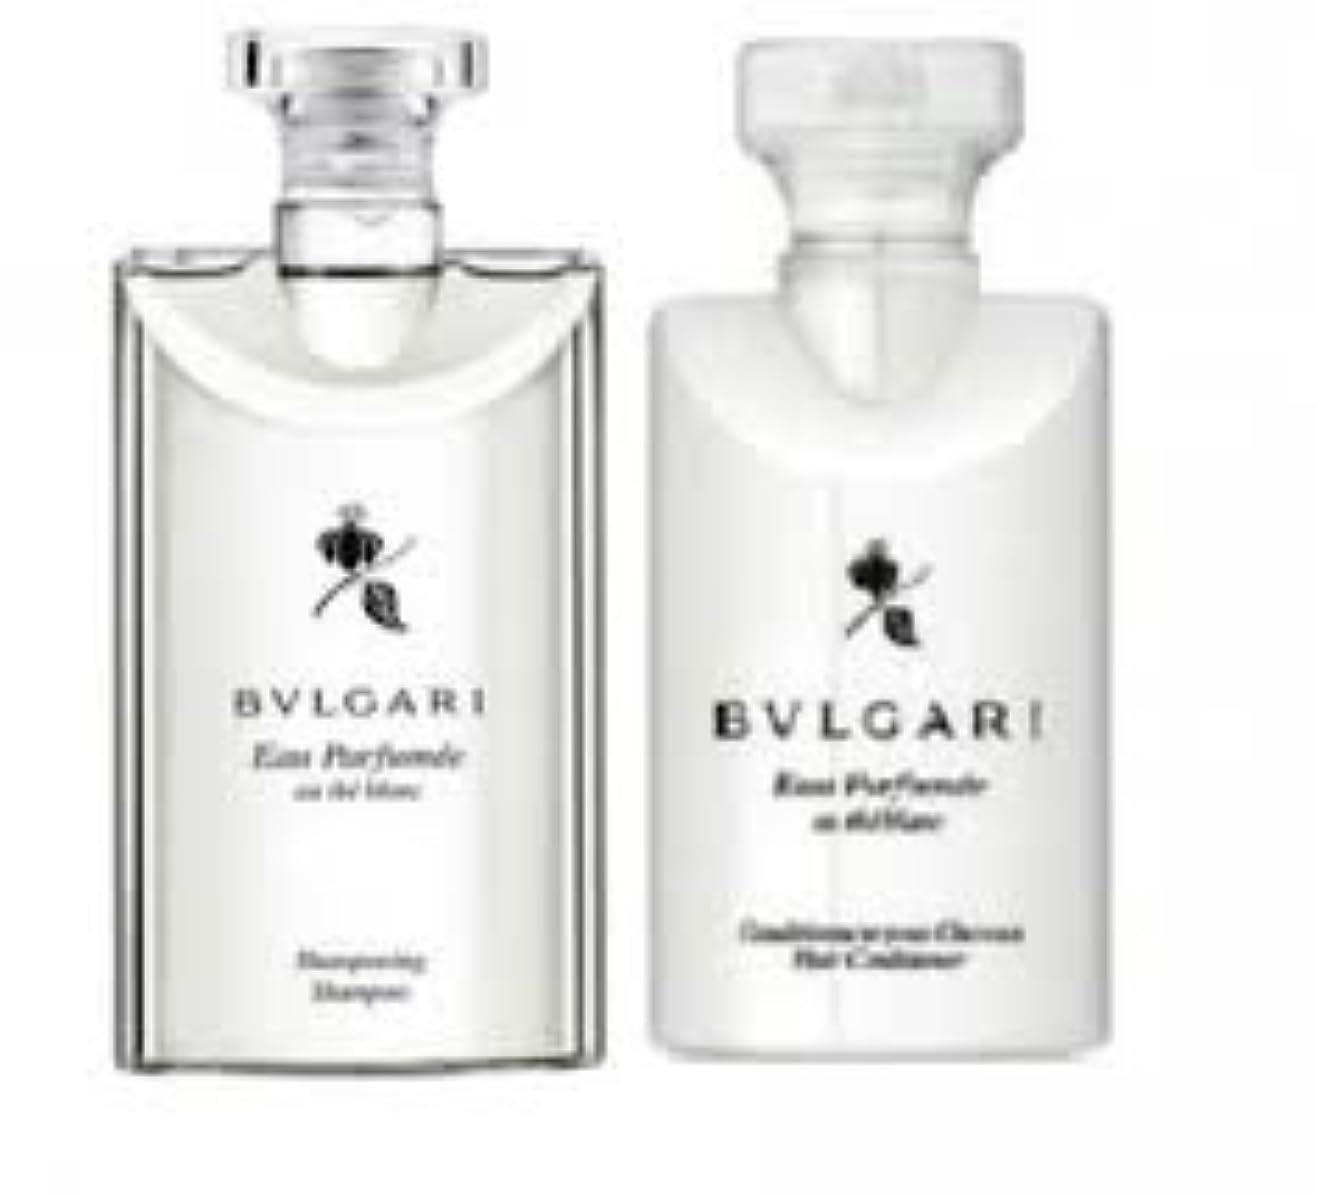 ベルお香細心のBvlgari Eau Parfumee Au The Blanc (ブルガリ オー パフュ-メ オウ ブラン) 2.5 oz (75ml) シャンプー & ヘアーコンディショナー